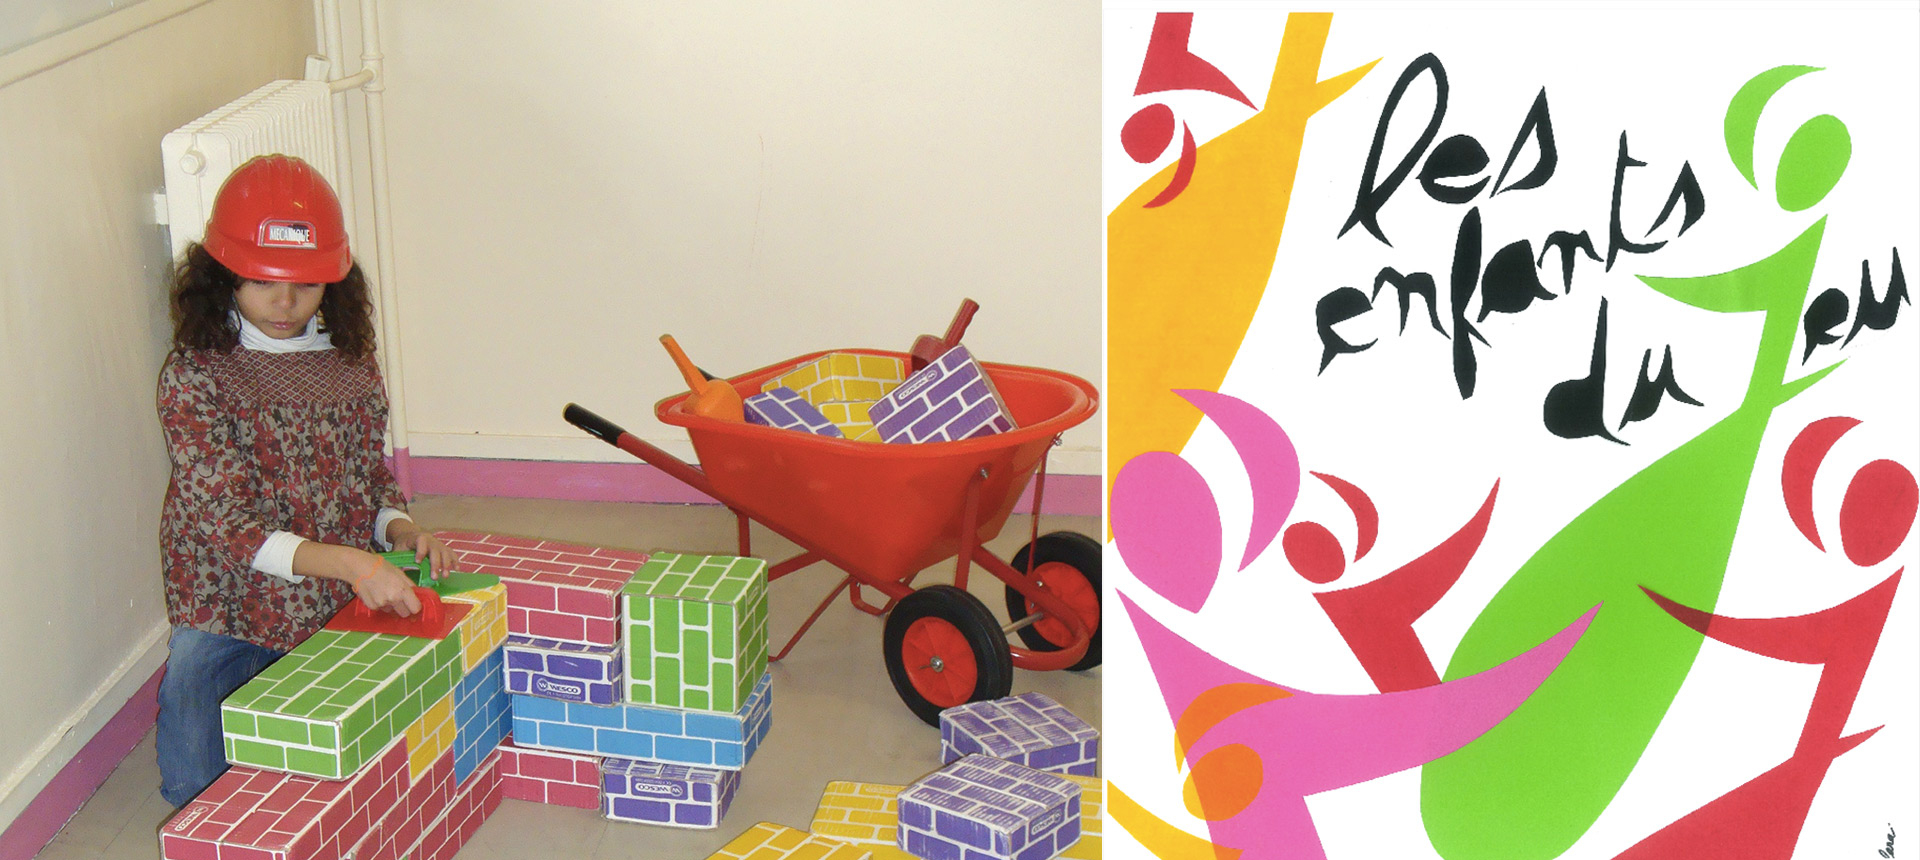 Les Enfants Du Jeu Ludothèque Ludomobile Et Formation avec Jeux Ludique Enfant